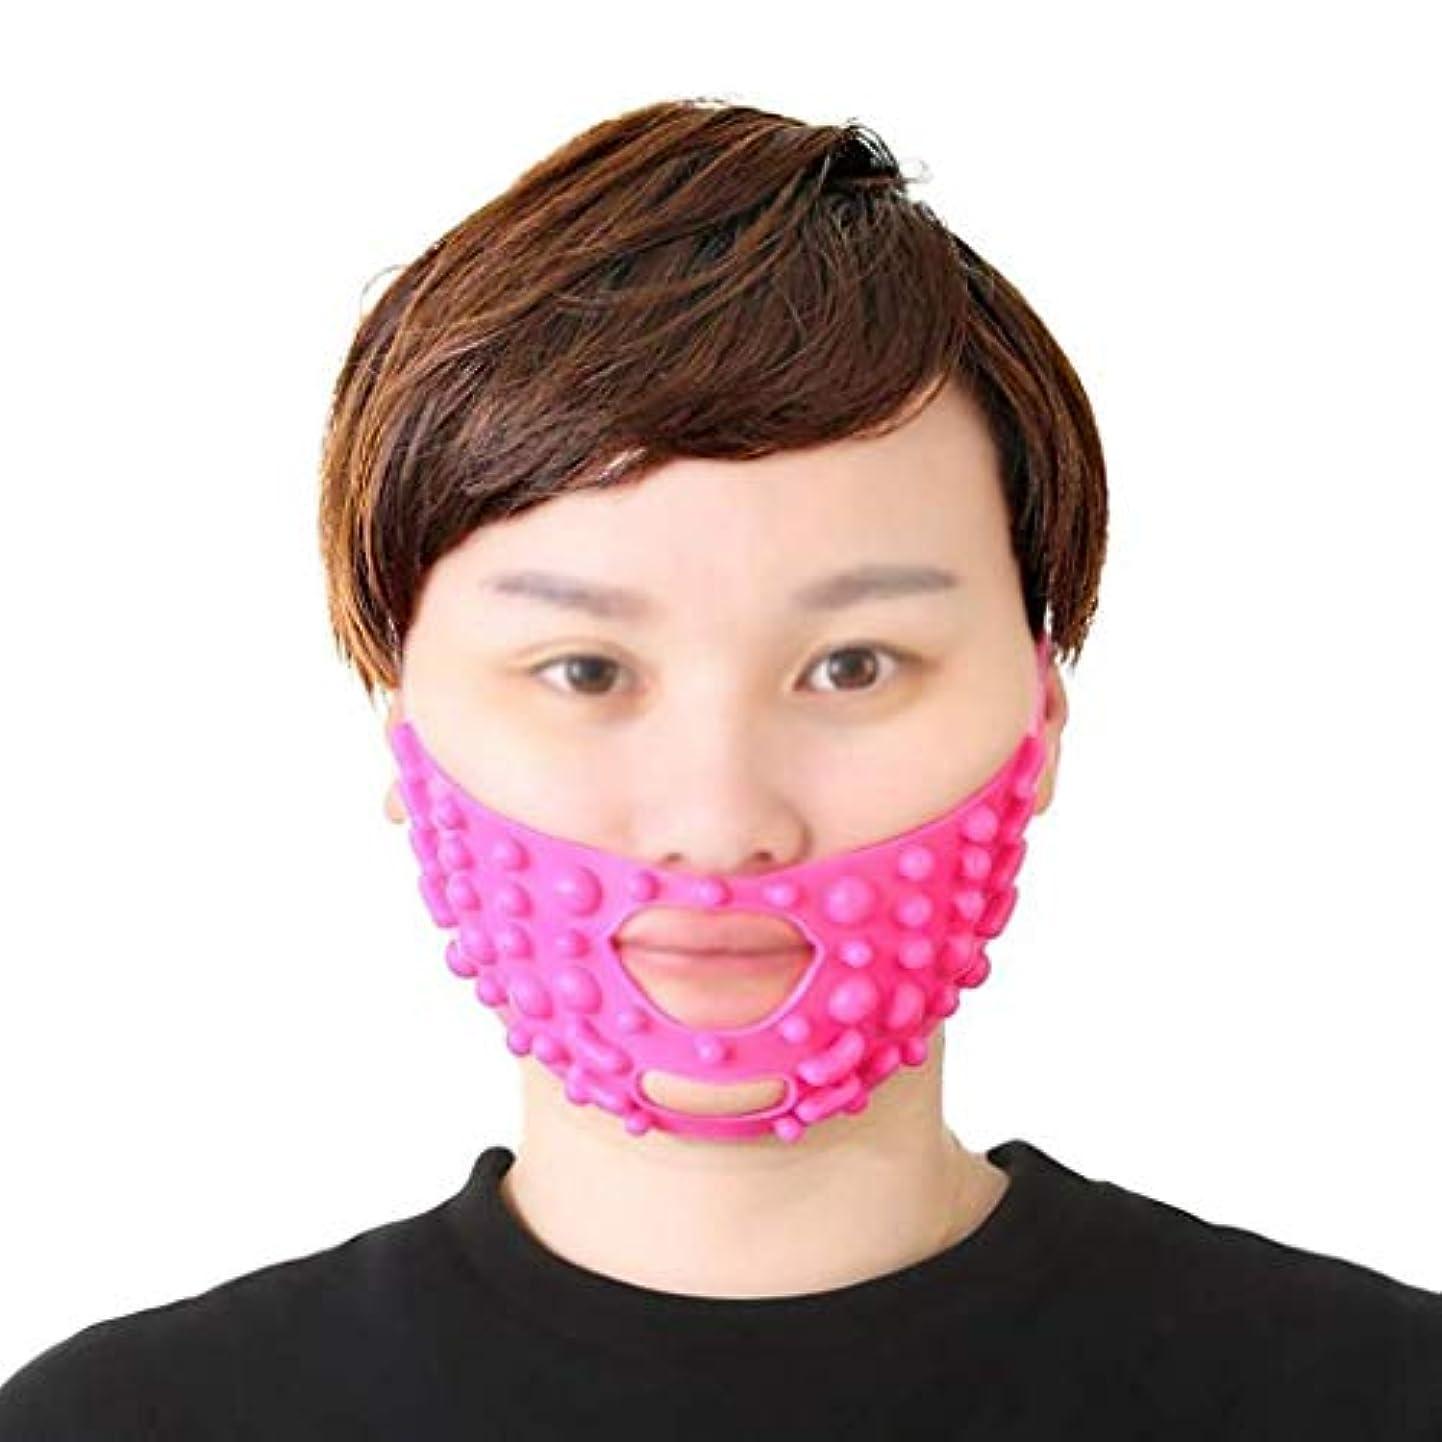 矢じり窓インストラクターフェイスリフトマスク、チンストラップシリコーンVフェイスマスクフェイスマスク強力な包帯V顔アーティファクトスモールV顔包帯顔と首リフトピンクシリコーン包帯